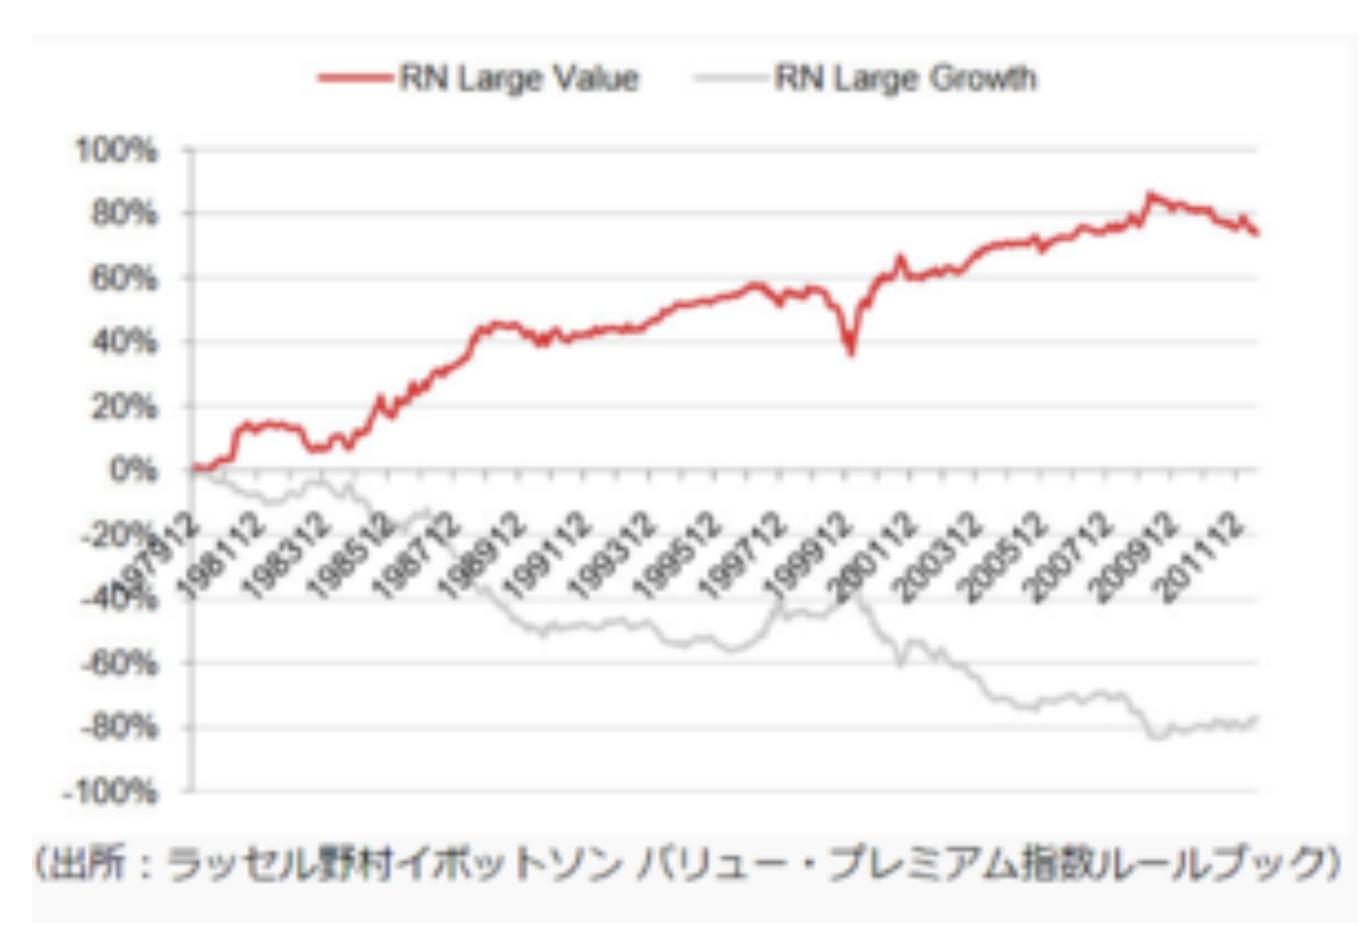 バリュー投資とグロース投資の推移